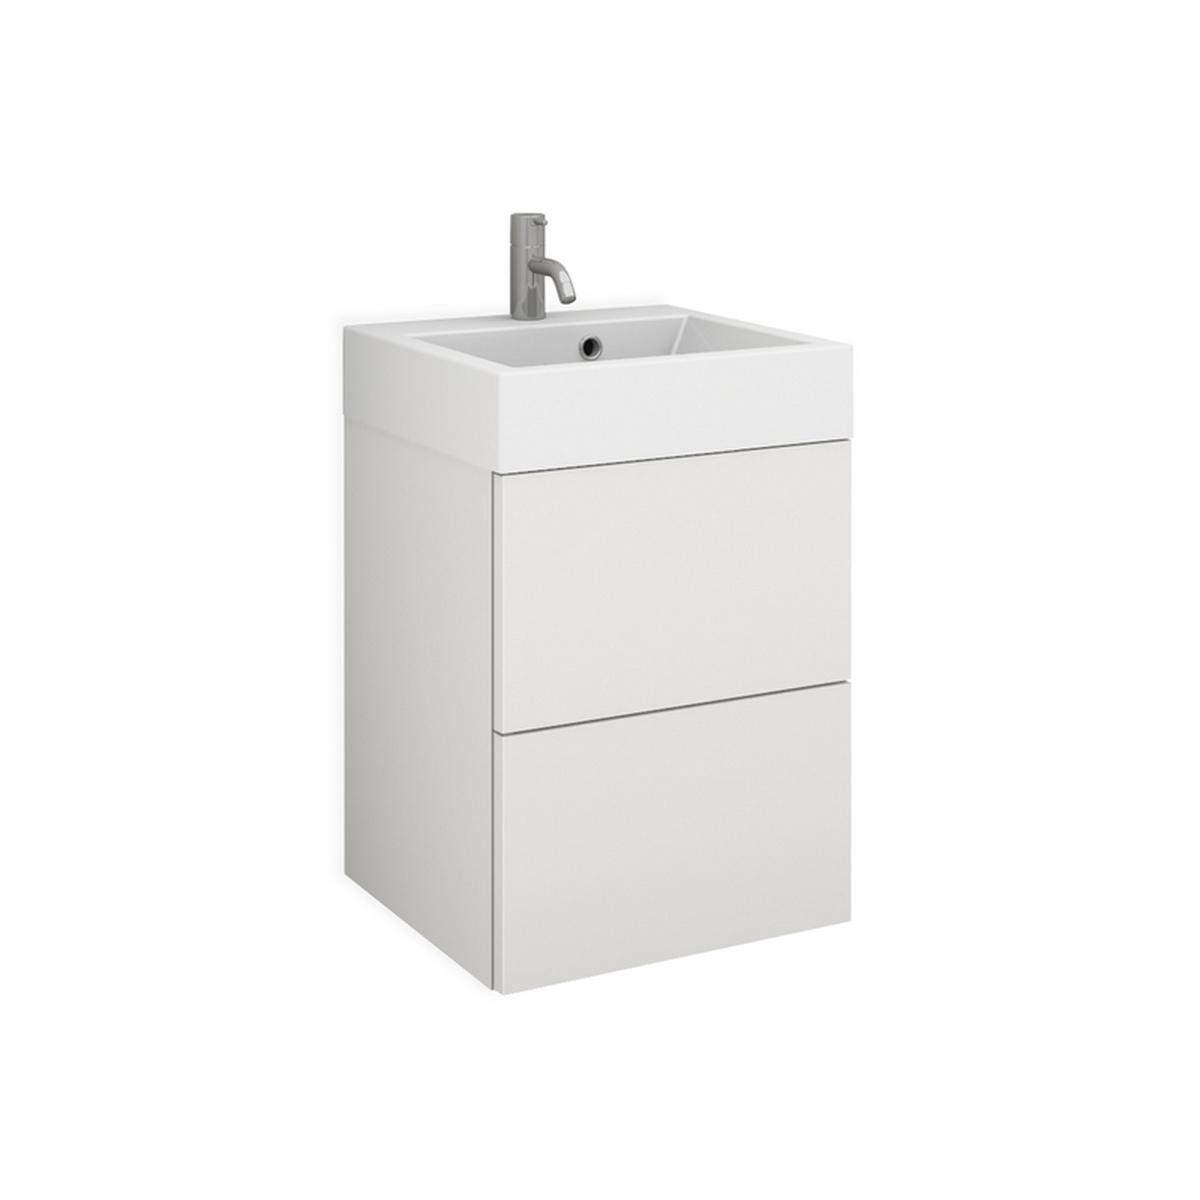 ballena 42 waschtisch set mit schublade auszug. Black Bedroom Furniture Sets. Home Design Ideas